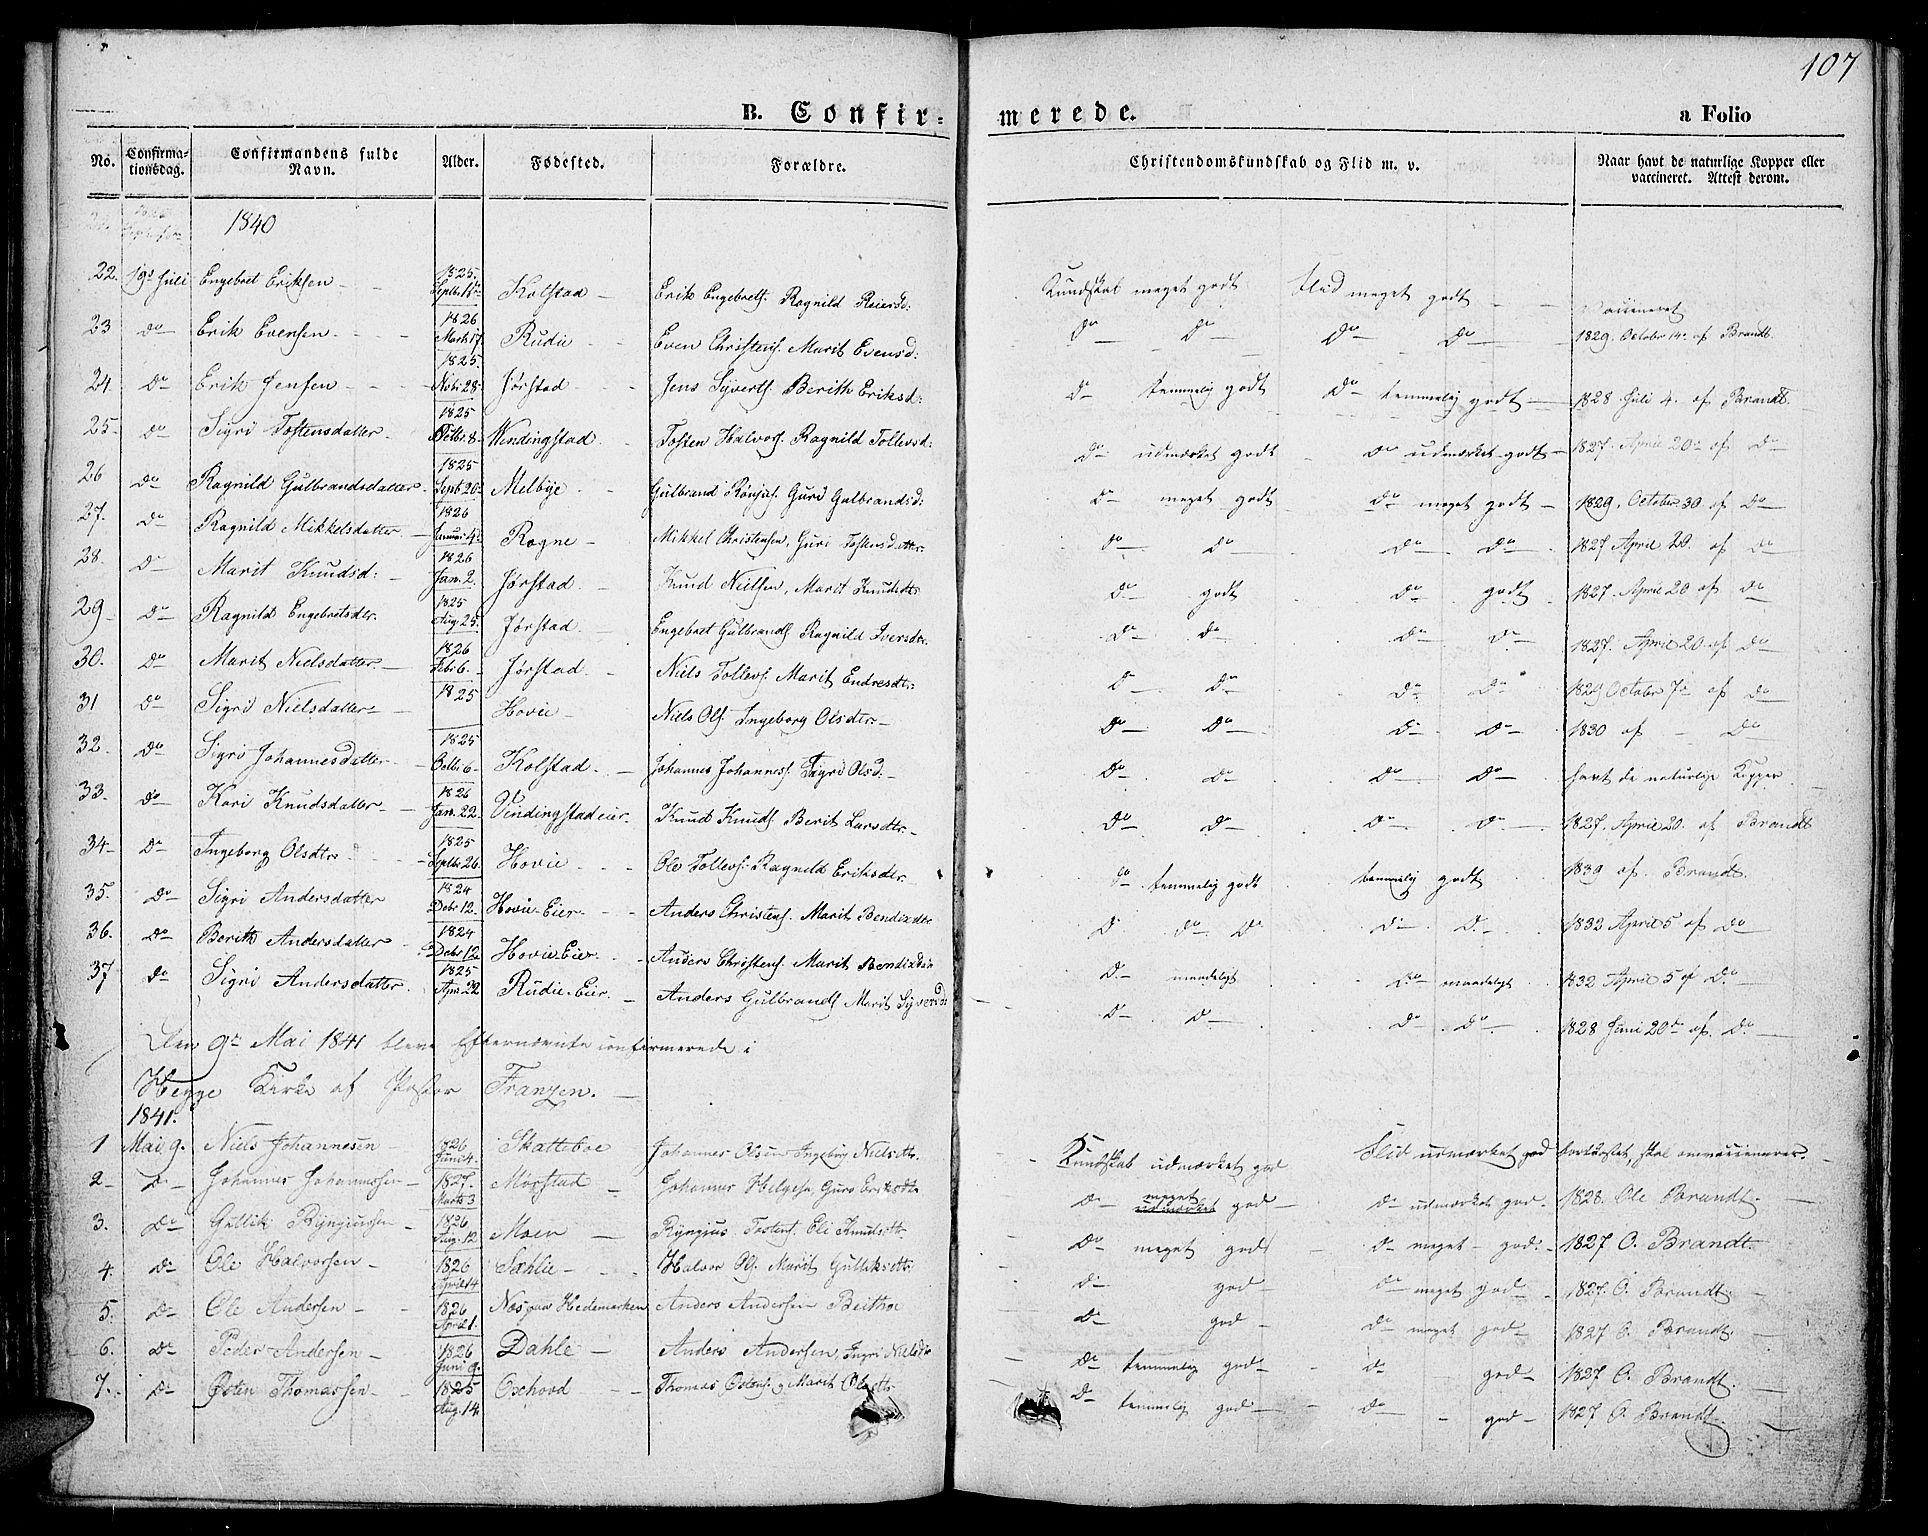 SAH, Slidre prestekontor, Ministerialbok nr. 4, 1831-1848, s. 107